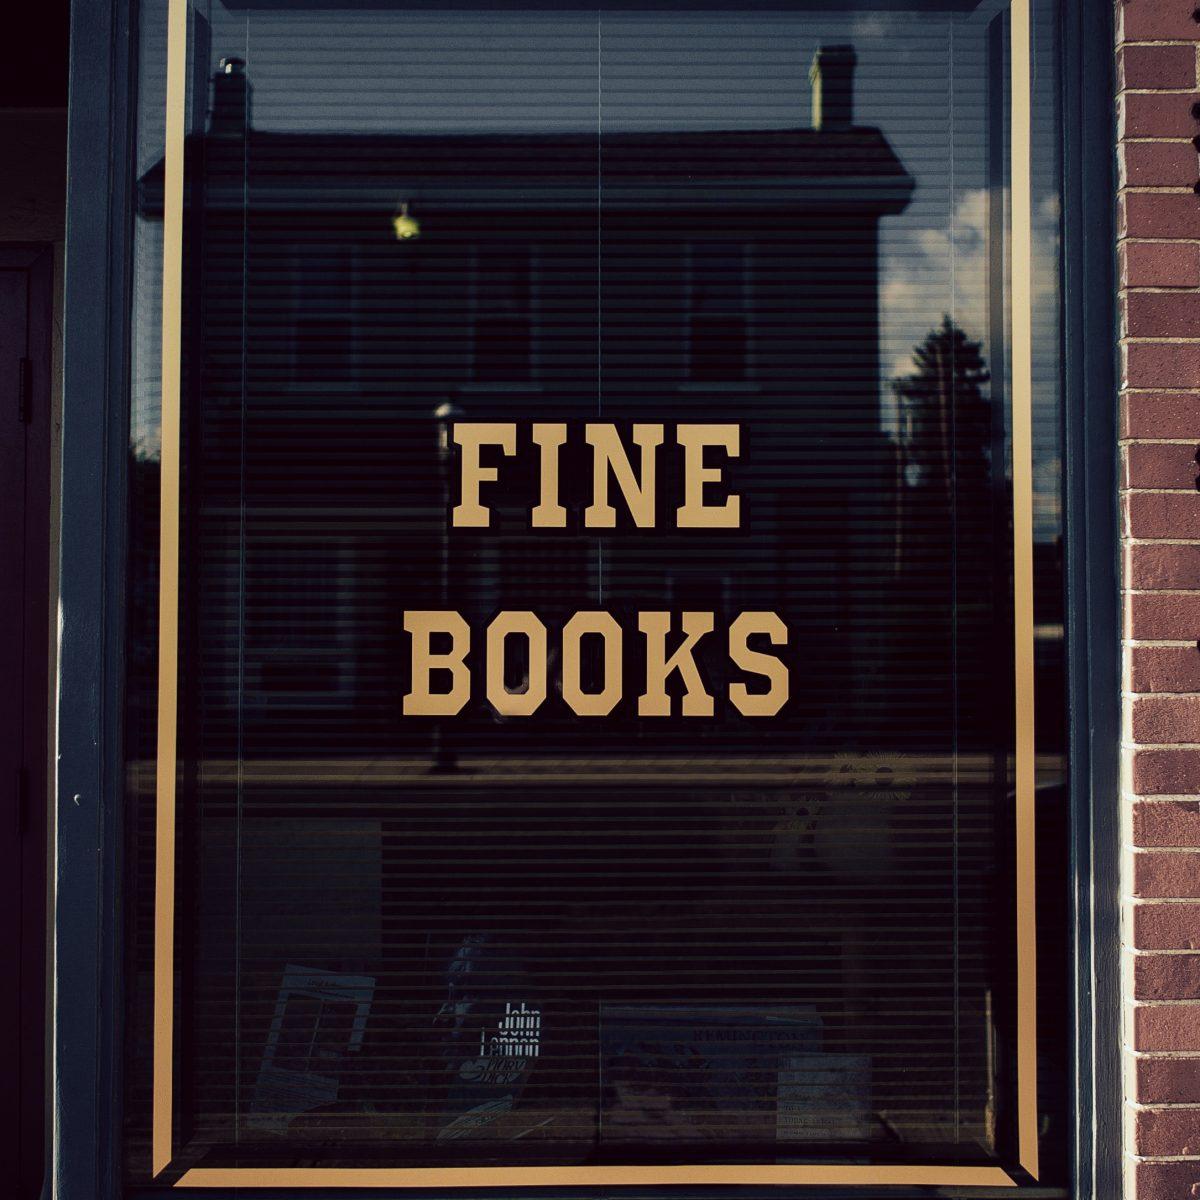 finebooks